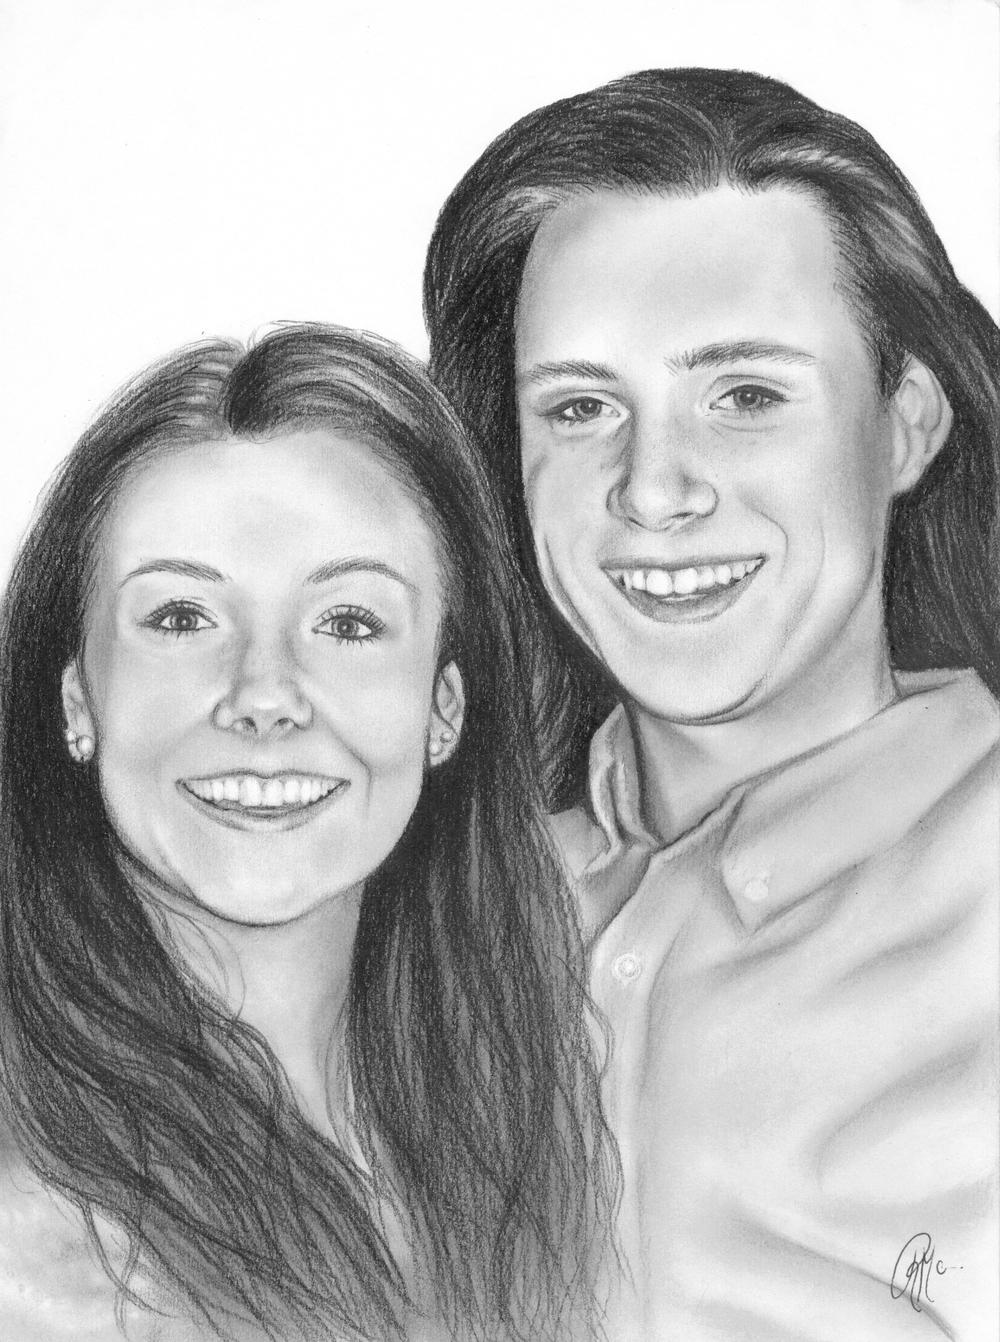 two subject portrait, custom couples portrait, pencil sketch portrait, realism art.jpg